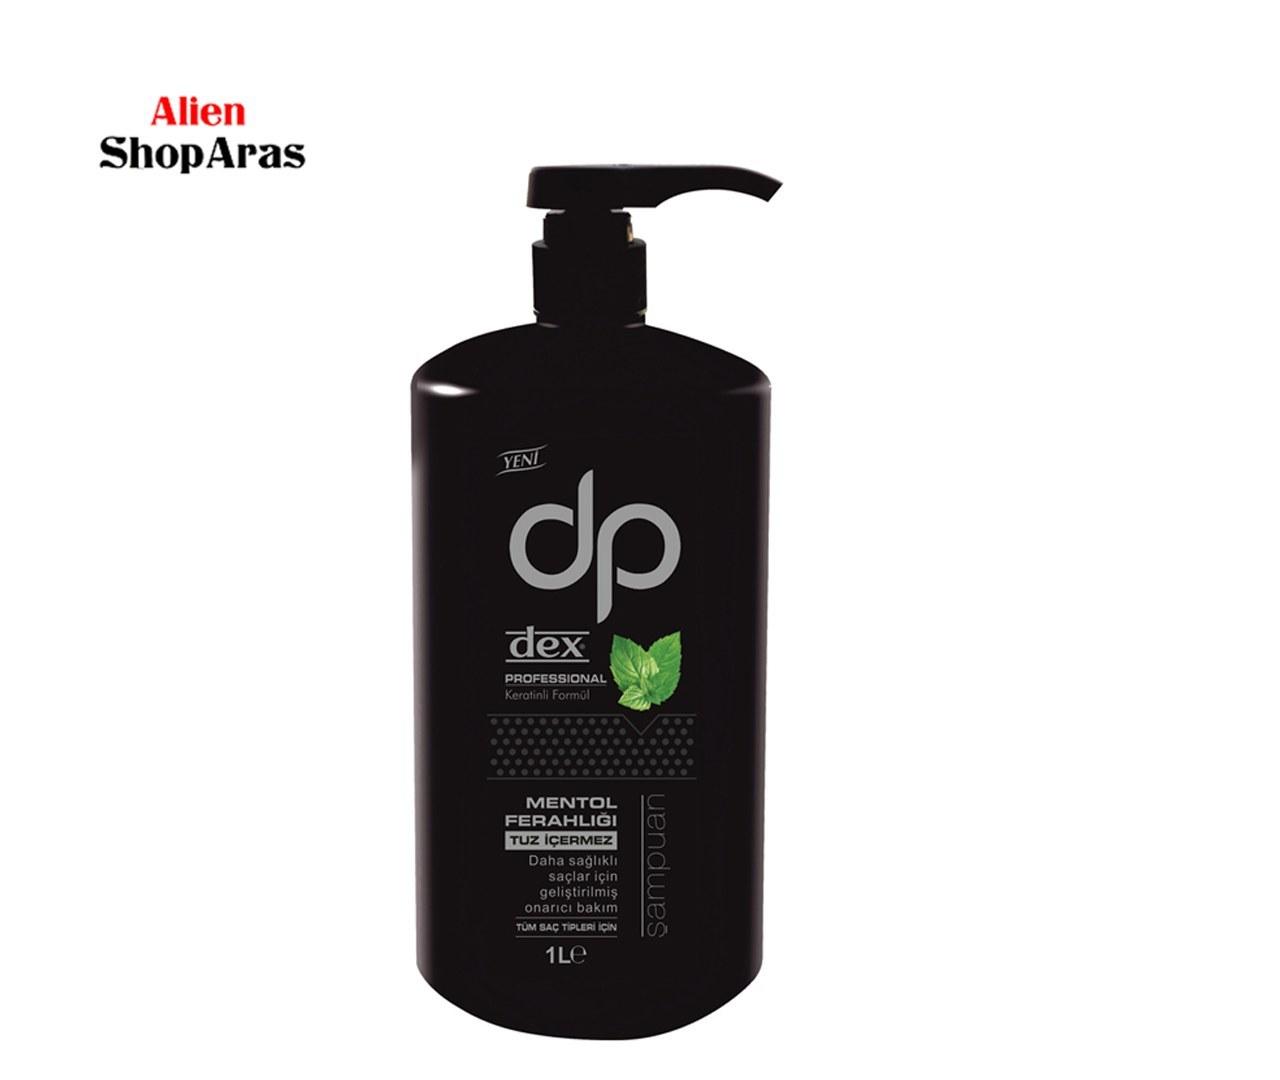 عکس شامپو دکس مدل نعنا ظرفیت ۱۰۰۰ میلی لیتر Dex Professional Şampuan Mentol Ferahlığı 1000 ml شامپو-دکس-مدل-نعنا-ظرفیت-1000-میلی-لیتر